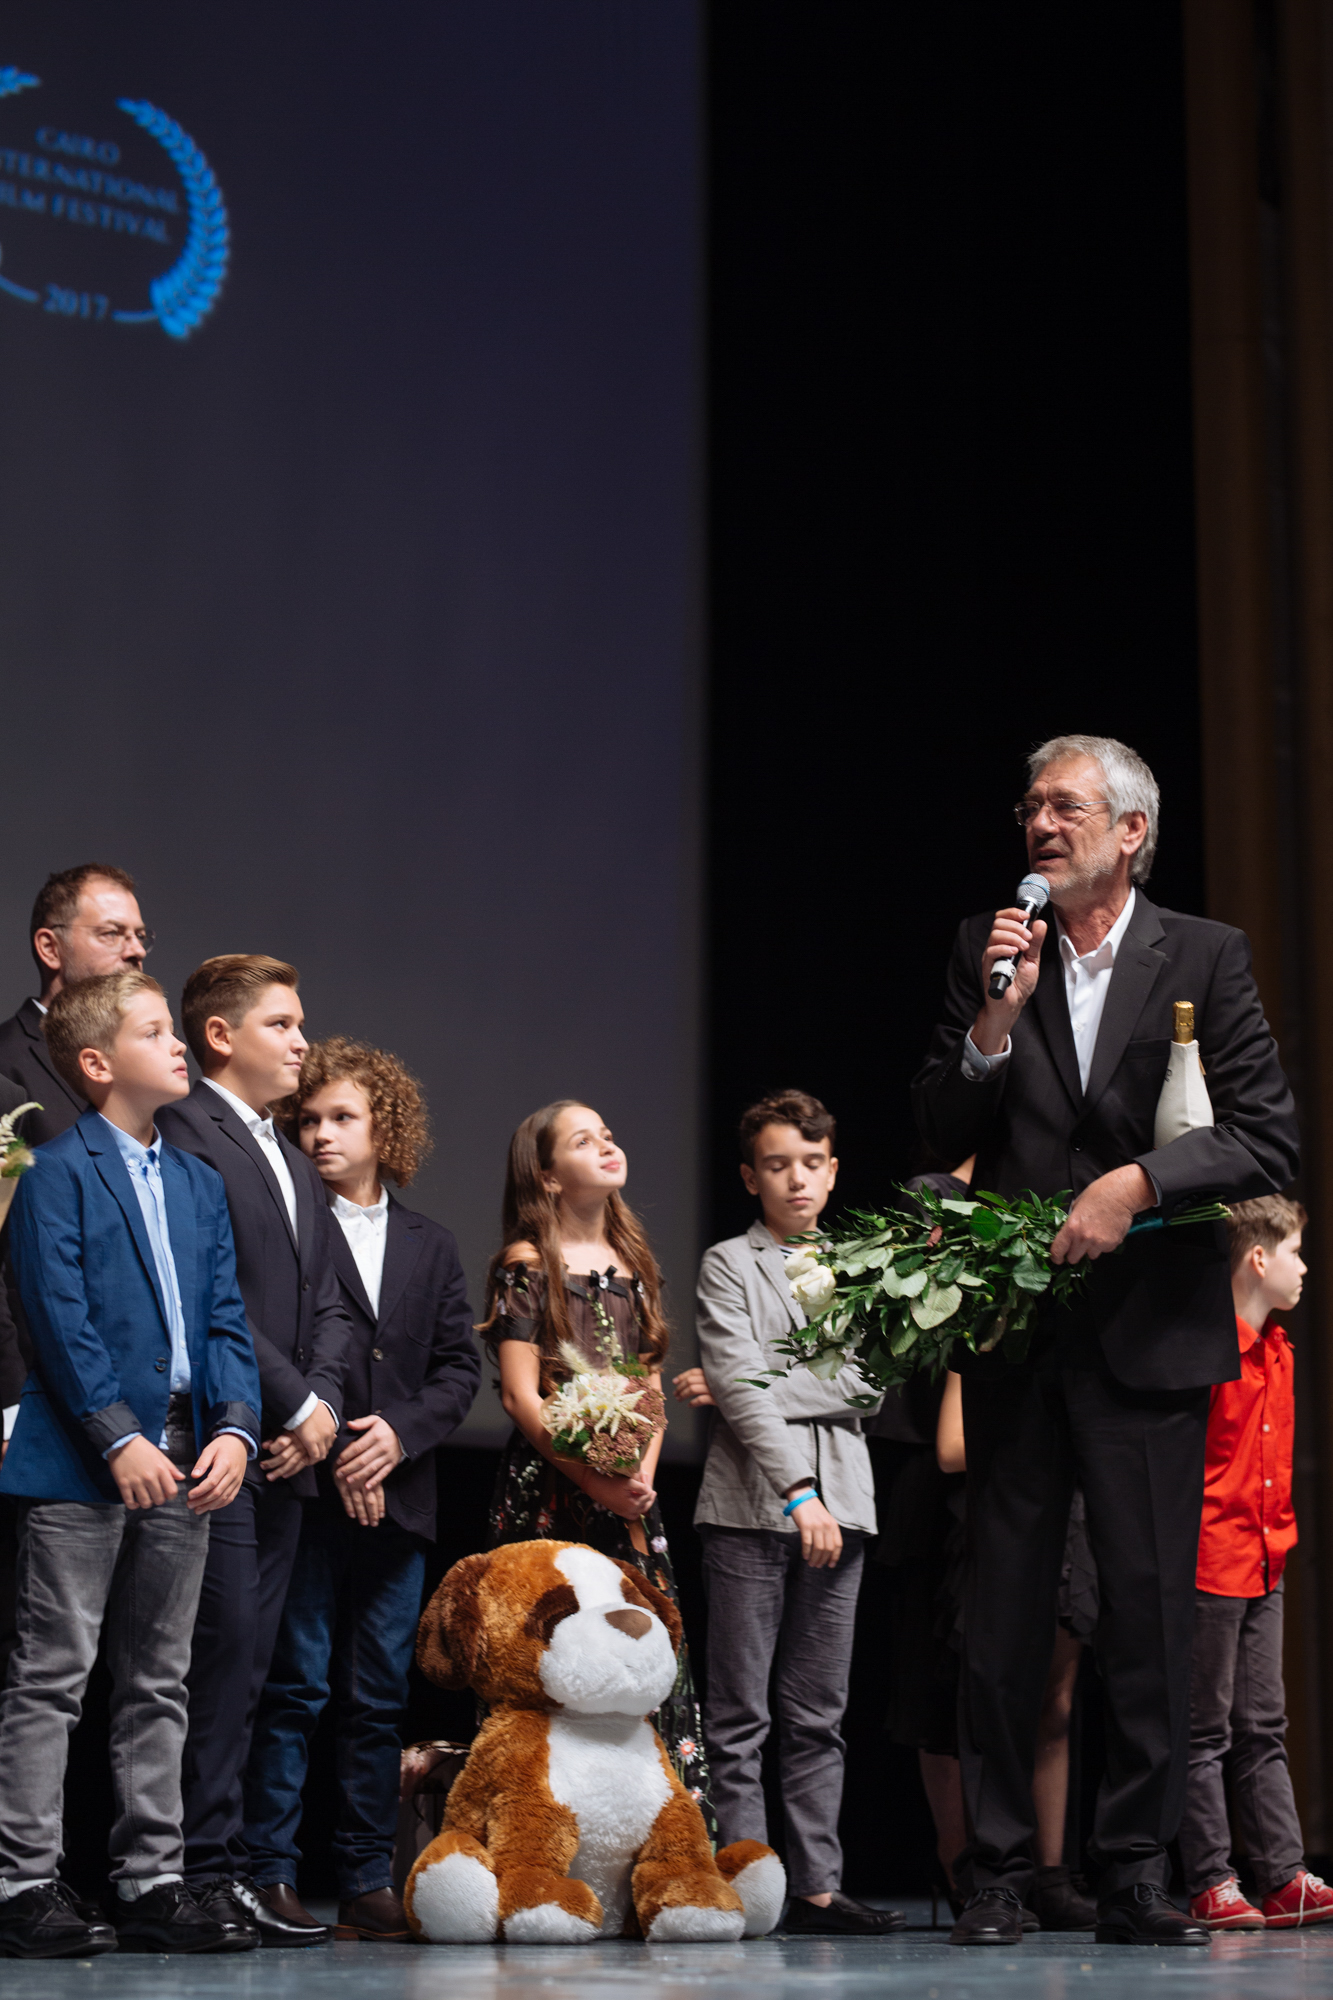 EXCLUSIV/ Tatăl nu-l vrea actor, dar talentul... se moștenește. La 10 ani, puștiul lui Andrei Aradits joacă alături de Marcel Iureș